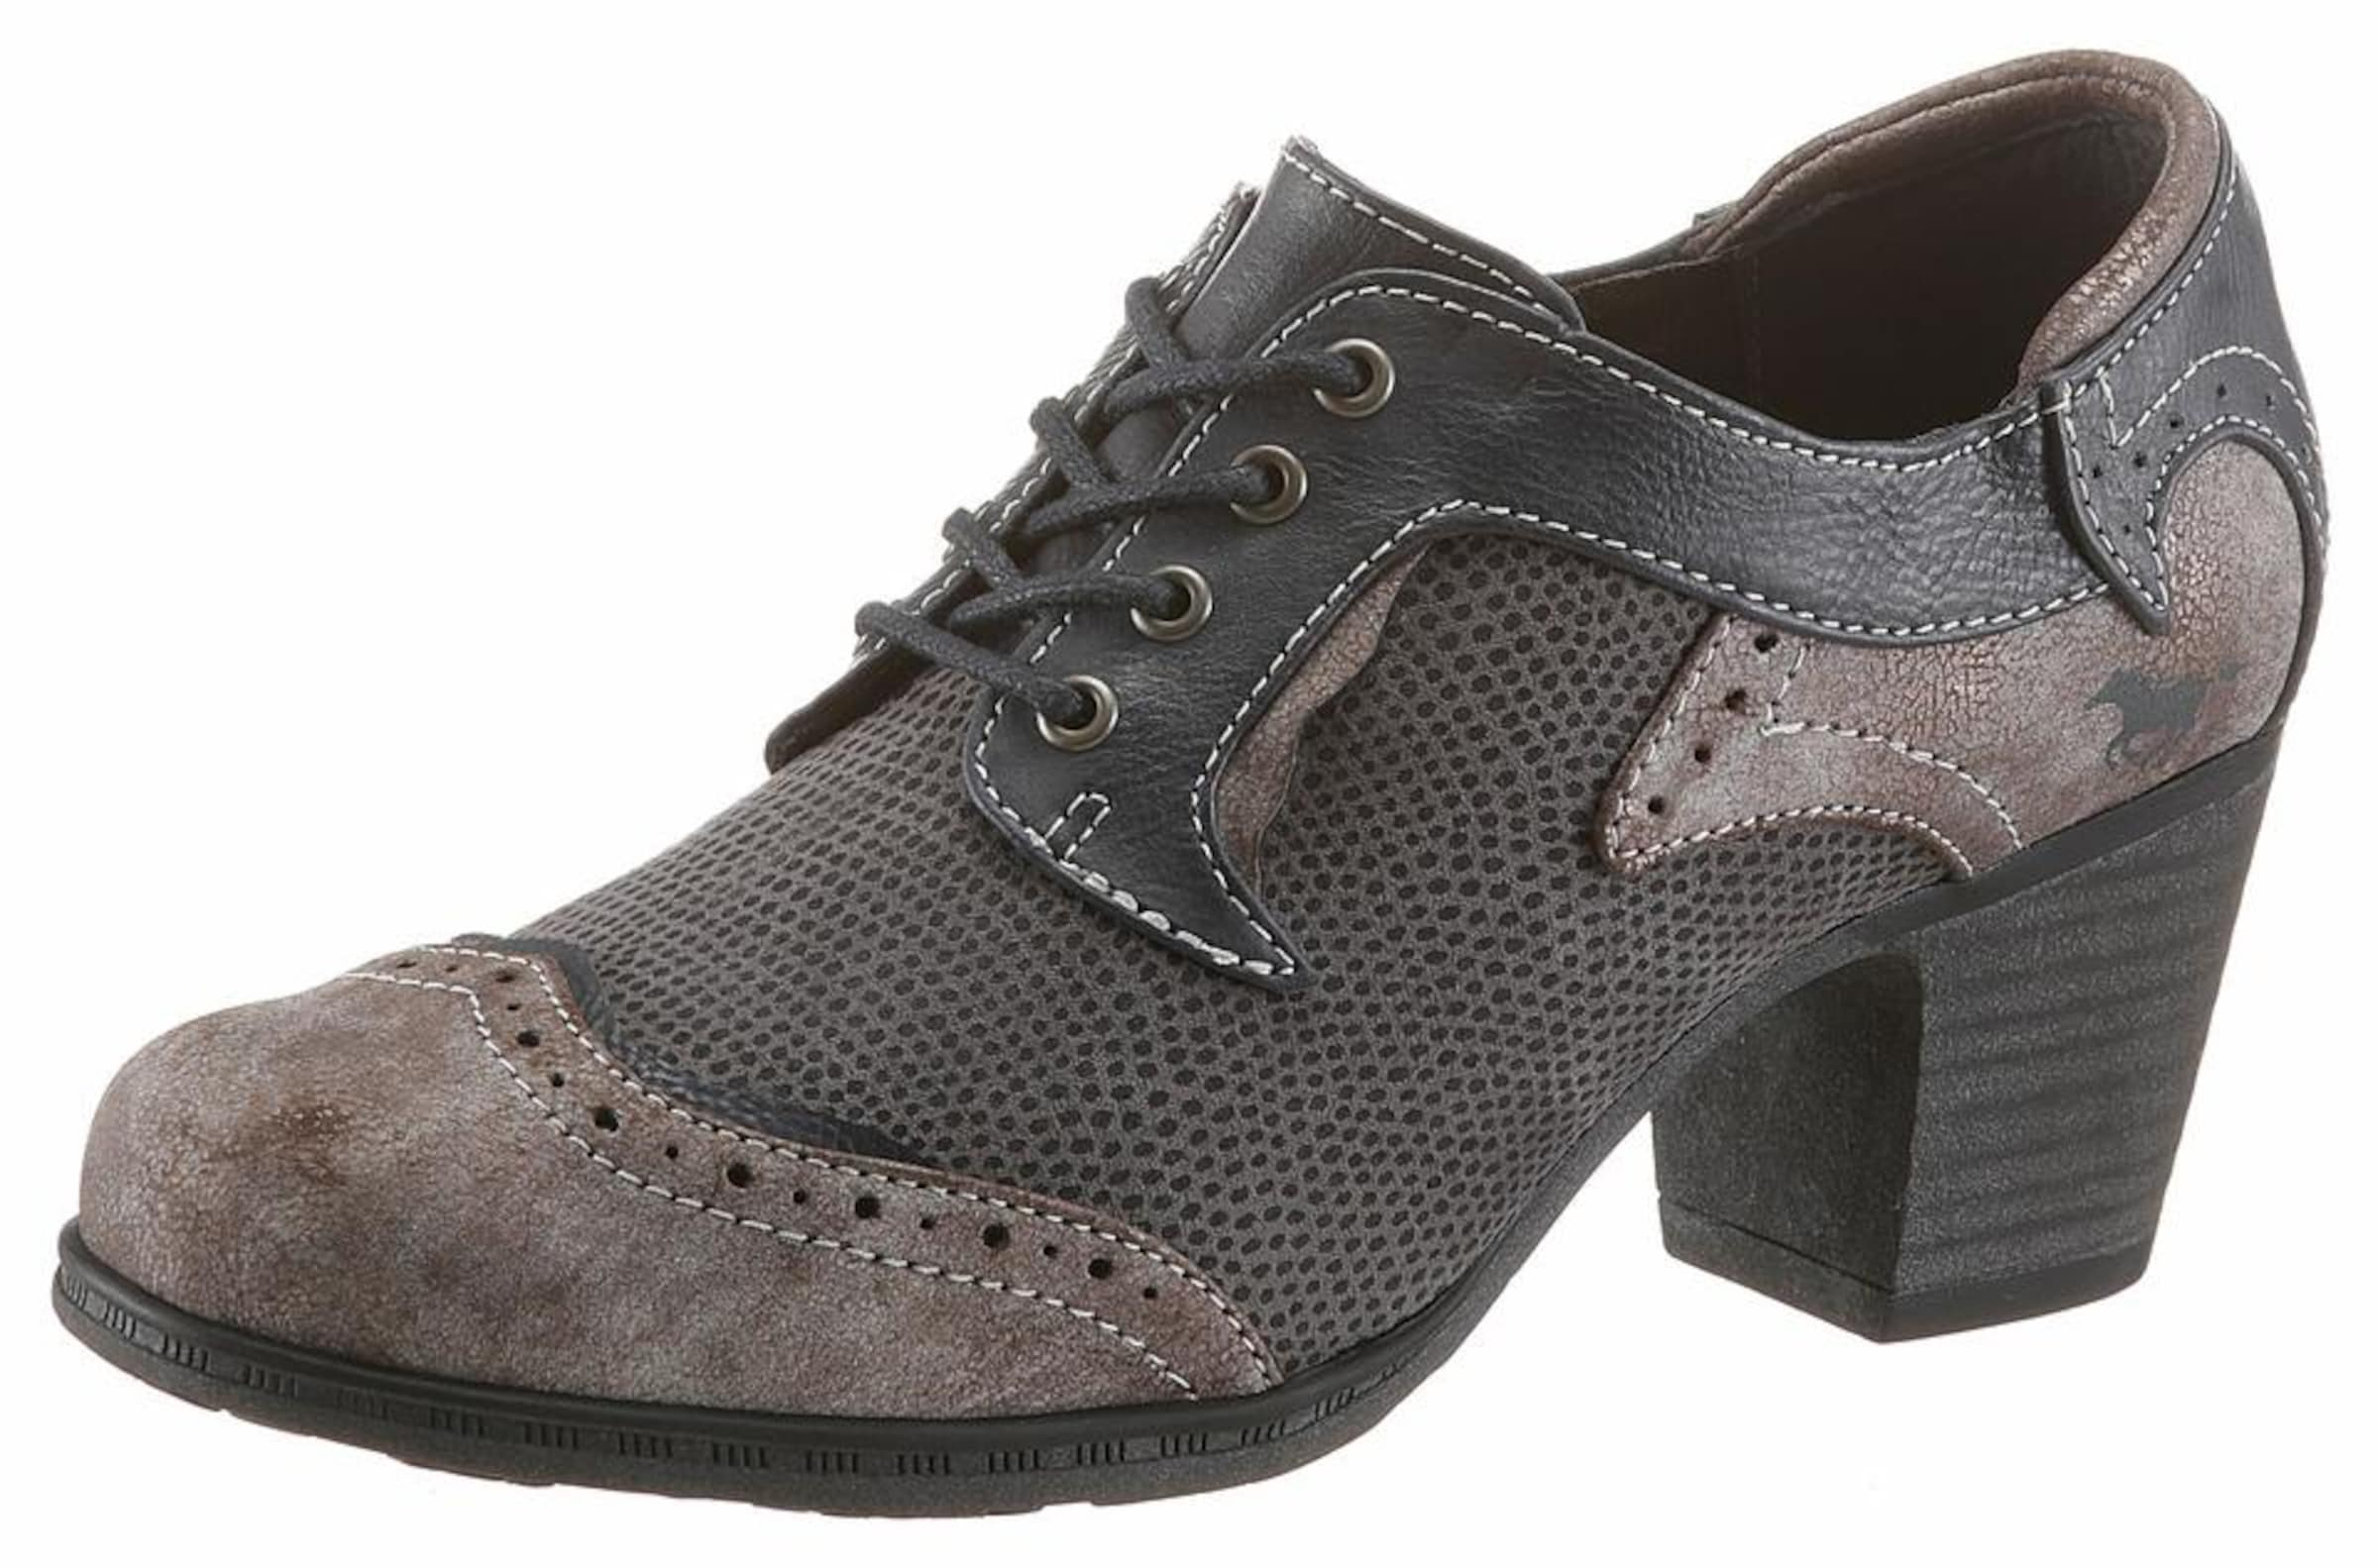 MUSTANG Schnürpump Verschleißfeste billige Schuhe Hohe Qualität